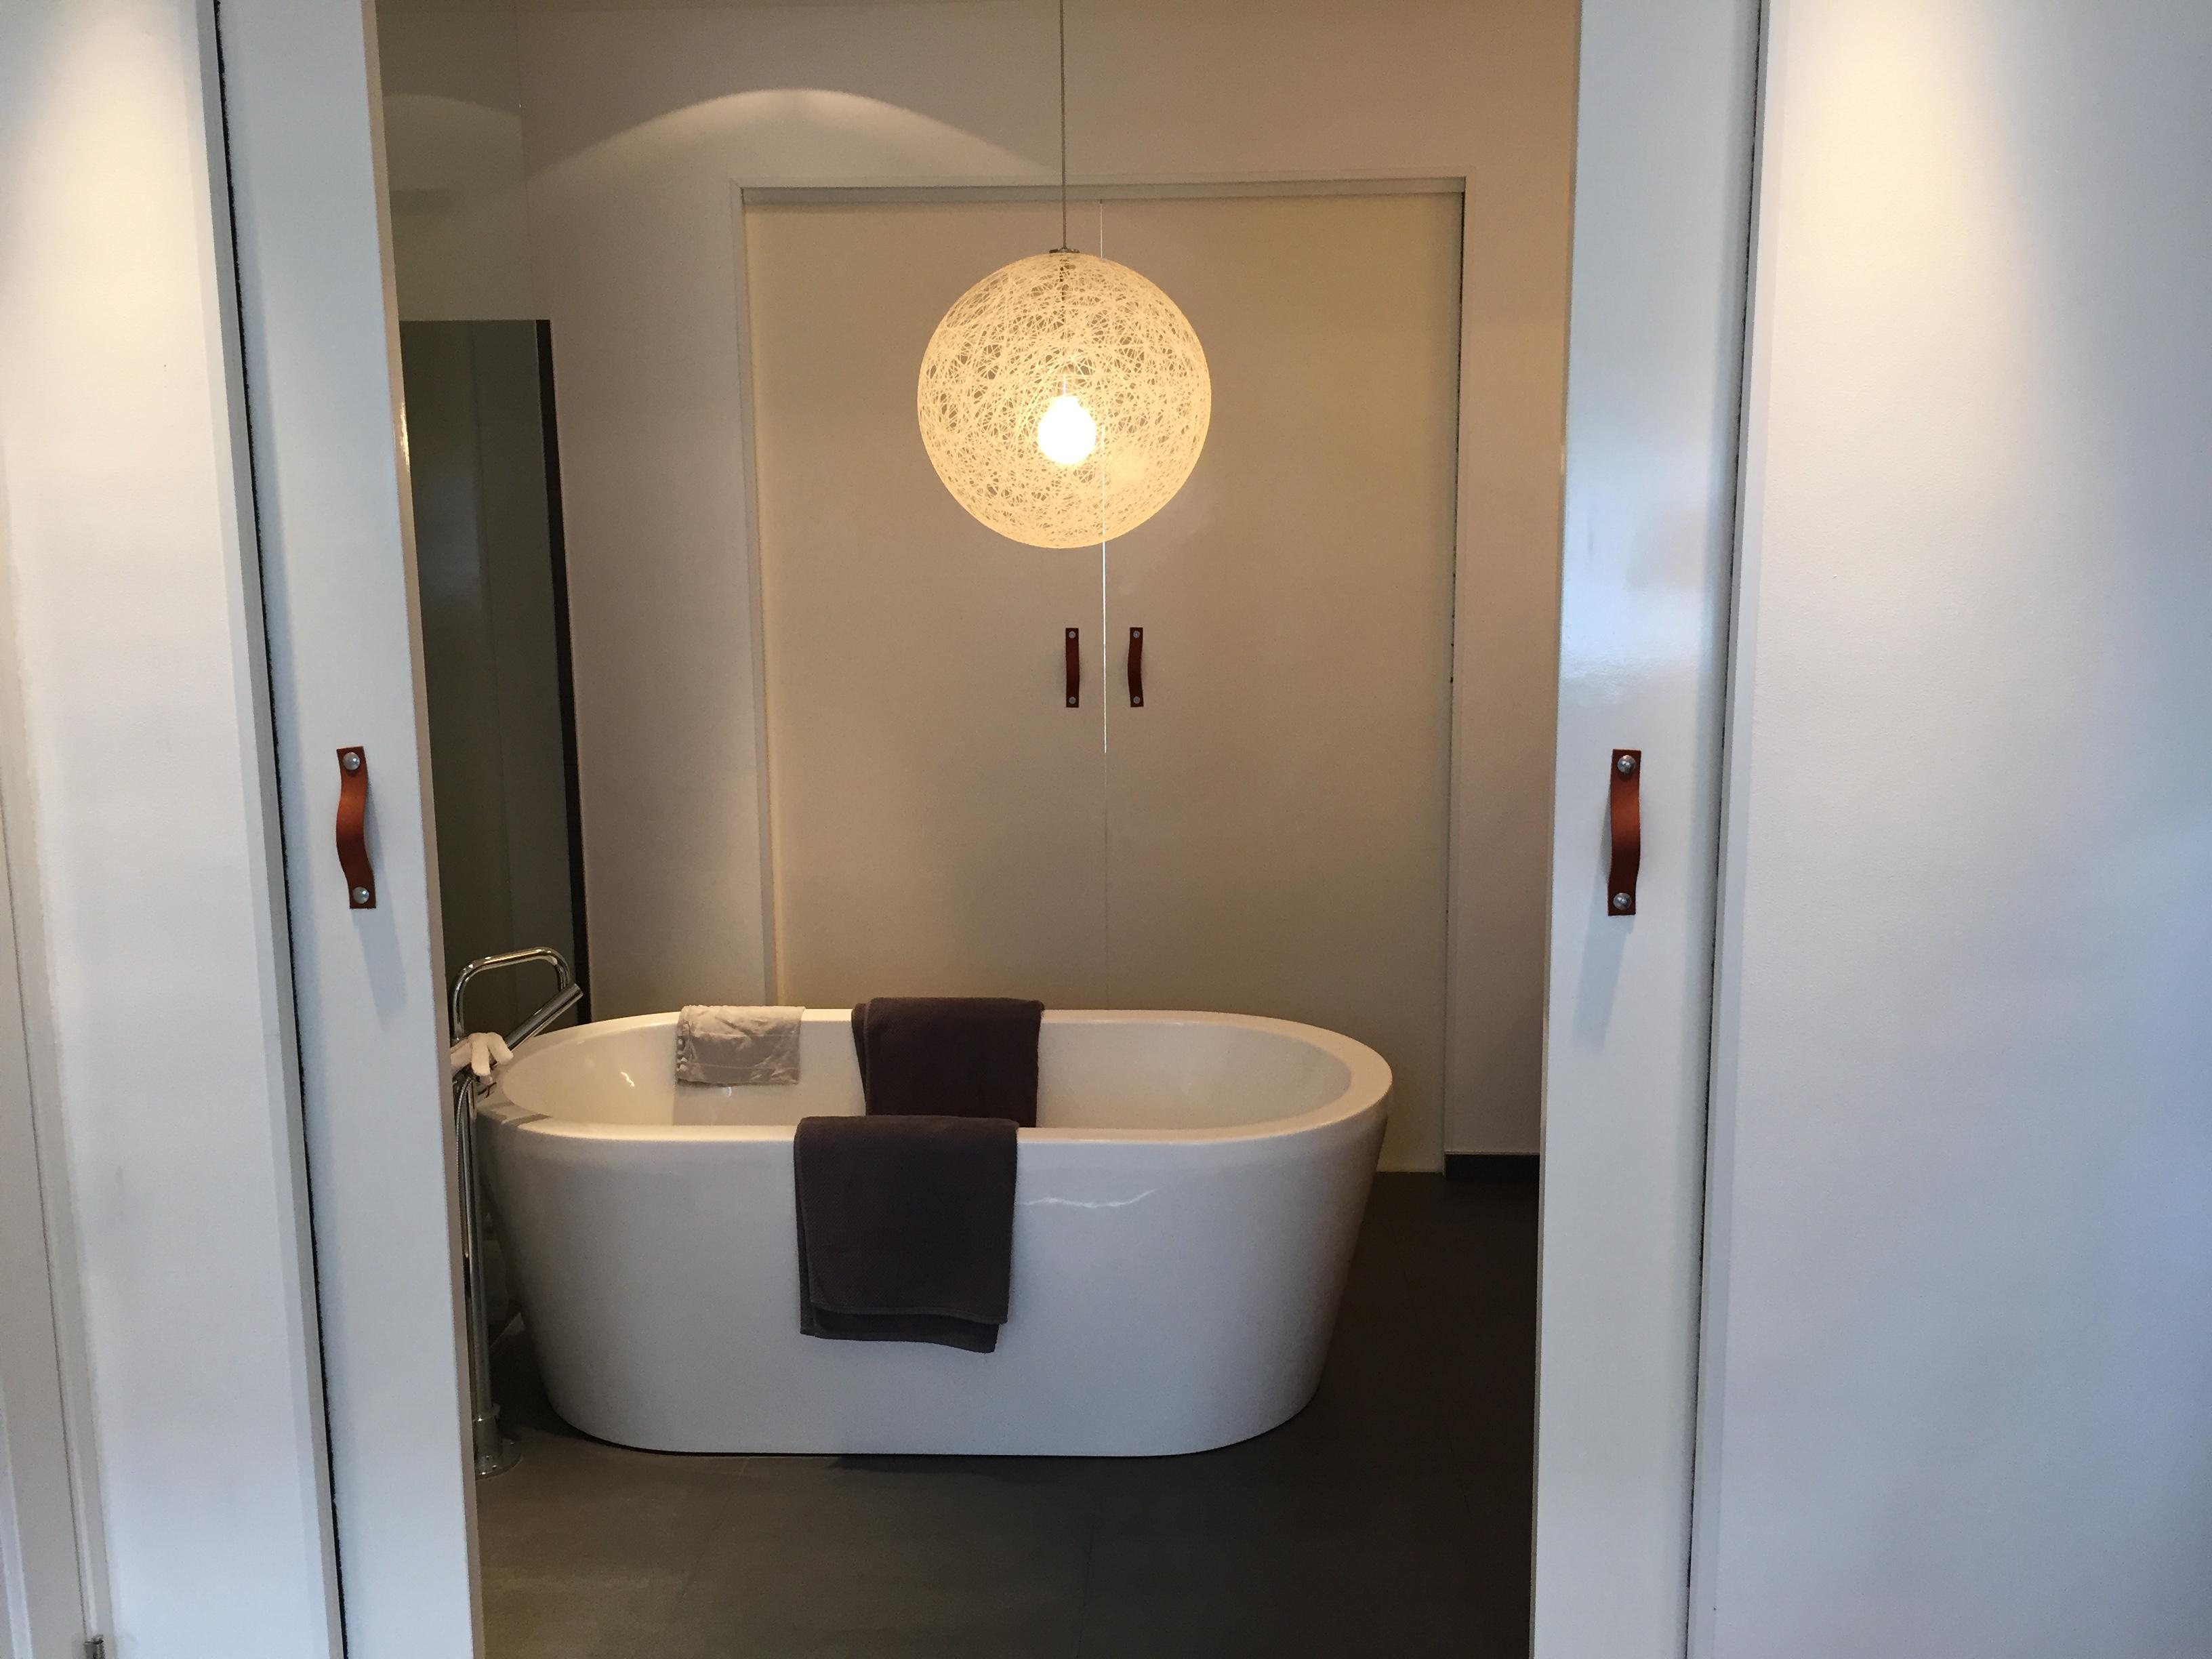 Schuifdeur Badkamer Hout : Slot op schuifdeuren badkamer voordemakers